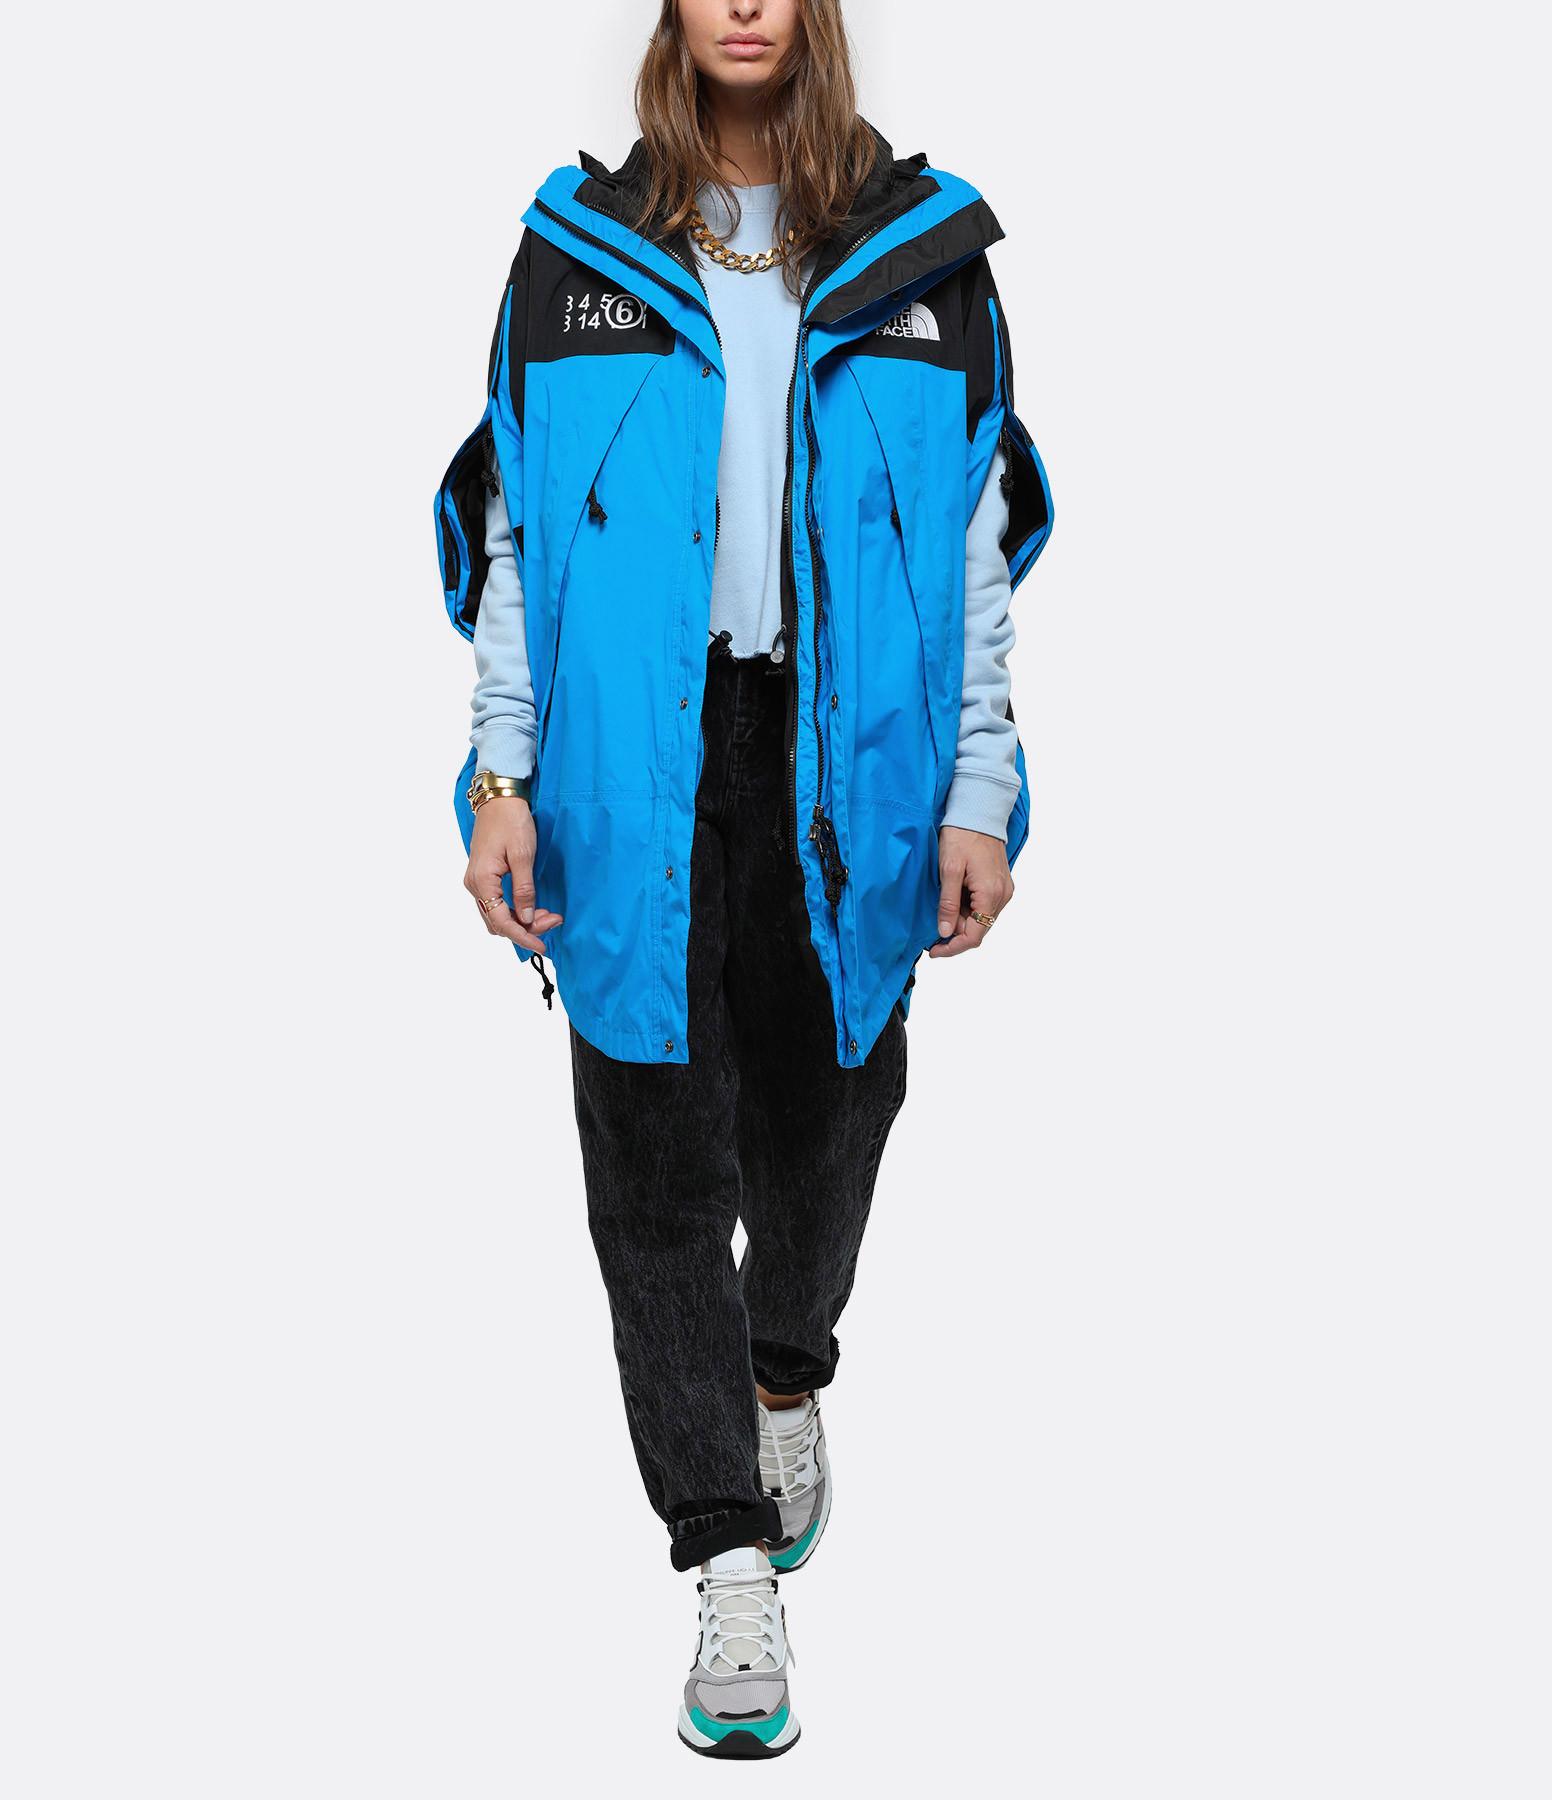 MM6 MAISON MARGIELA - Veste Bleu The North Face x MM6, Collection Studio